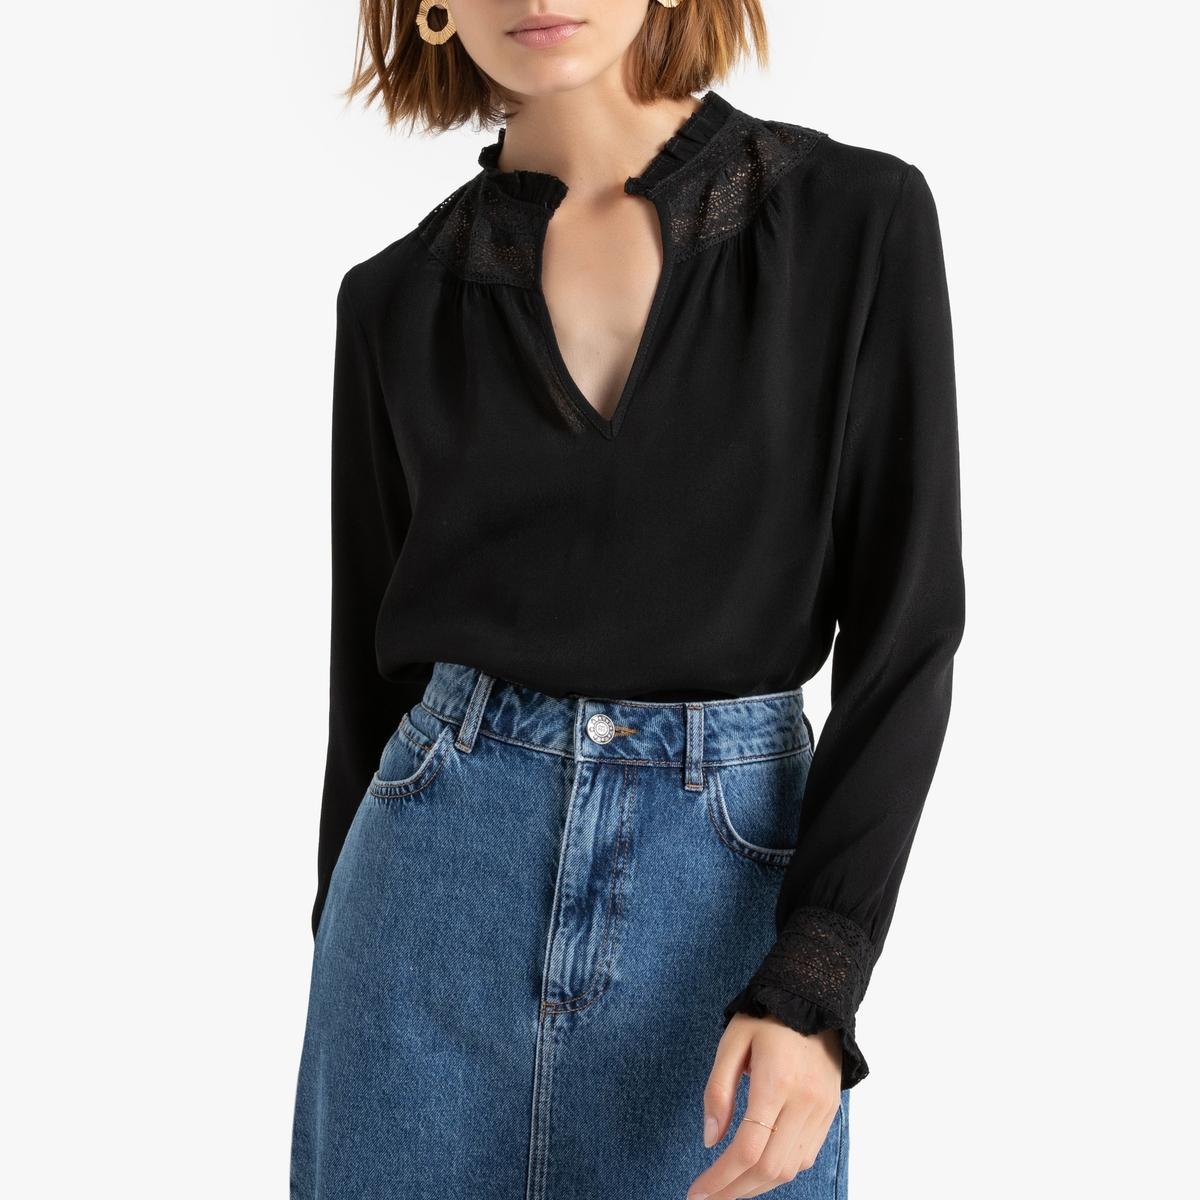 Блузка La Redoute С длинными рукавами с V-образным вырезом и кружевной вставкой 0(XS) черный футболка la redoute с длинными рукавами и v образным вырезом из кружева s черный